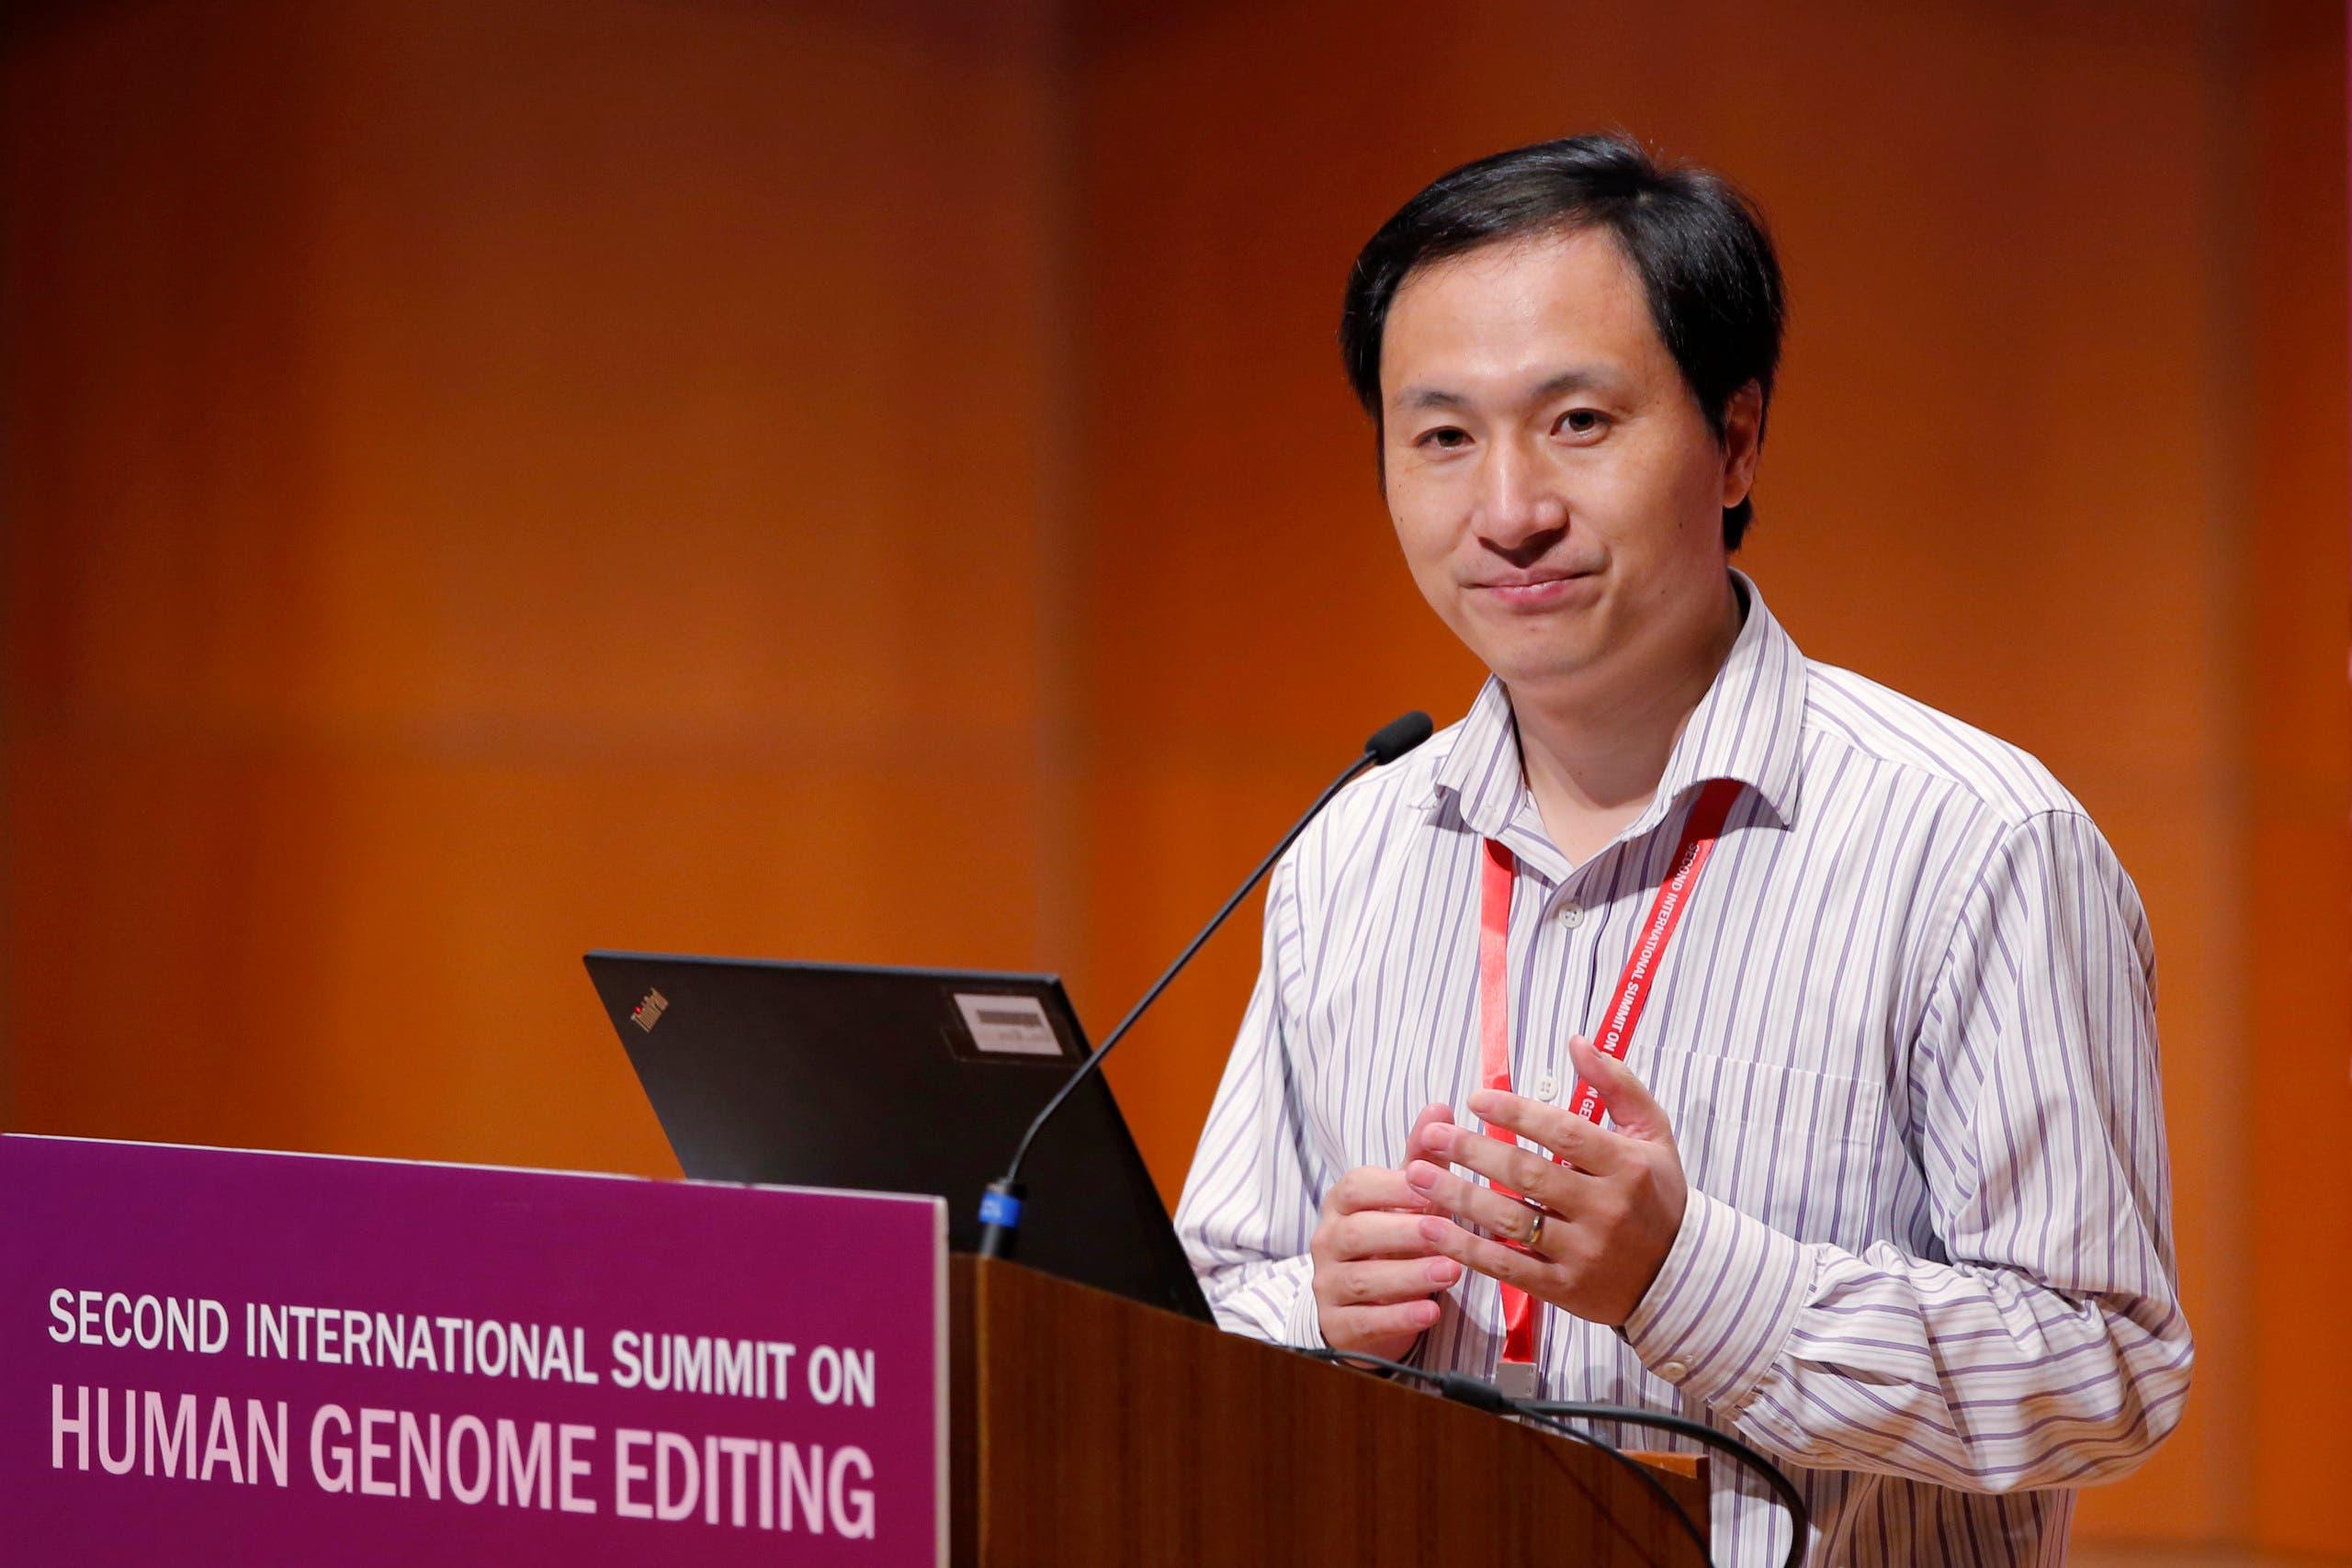 الباحث الصيني هي جيانكوي الذي قام بإدخال التغييرات الجينية على الأطفال